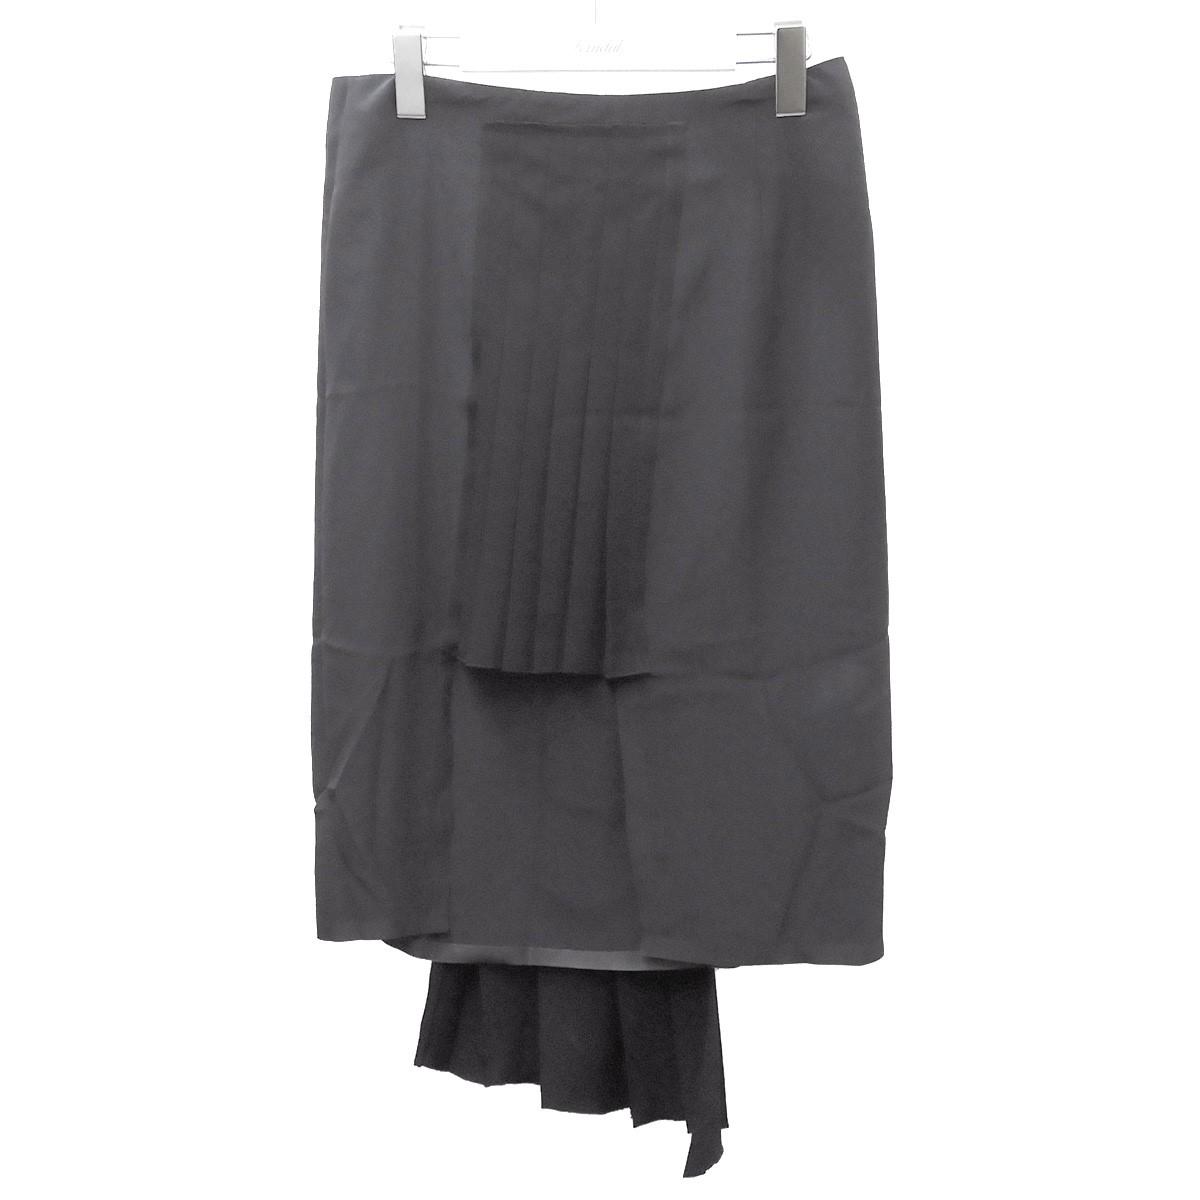 現品 マルタンマルジェラ1 特価品コーナー☆ 中古 Martin Margiela1 サイズ:38 251220 ブラック プリーツ切替スカート